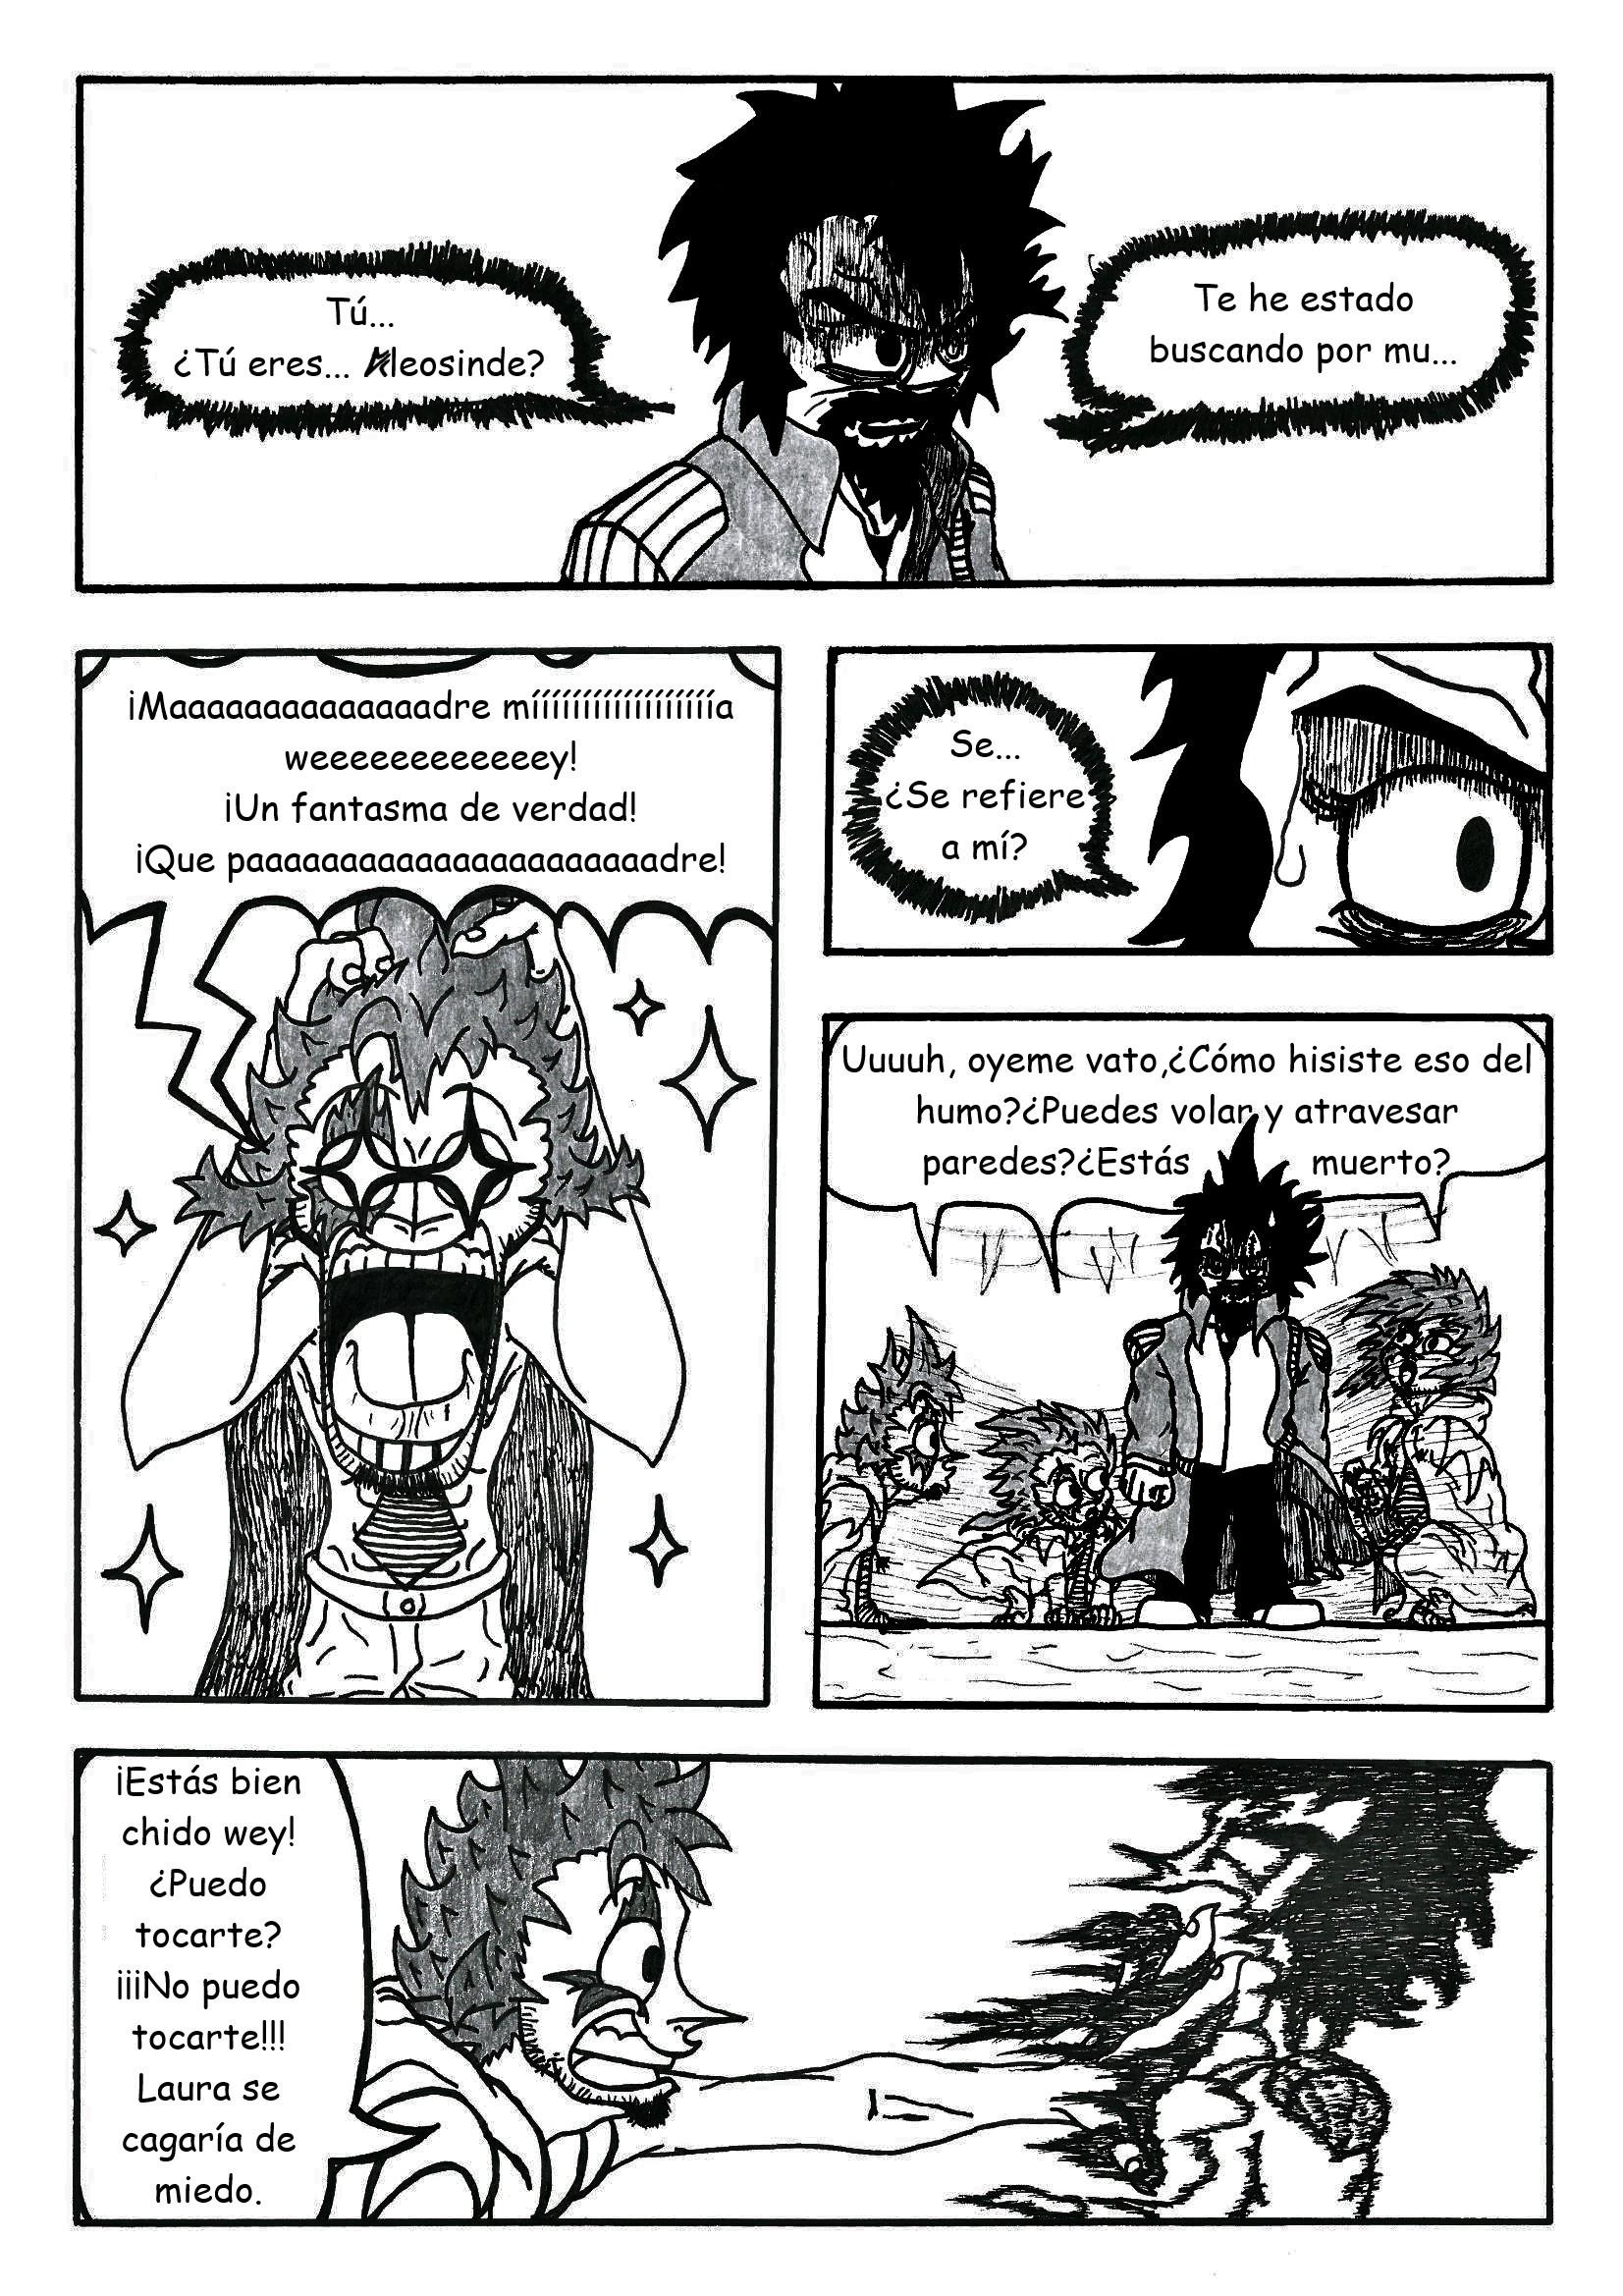 Avatar_02_J_Angel_Casado_Fuster_pagina00004